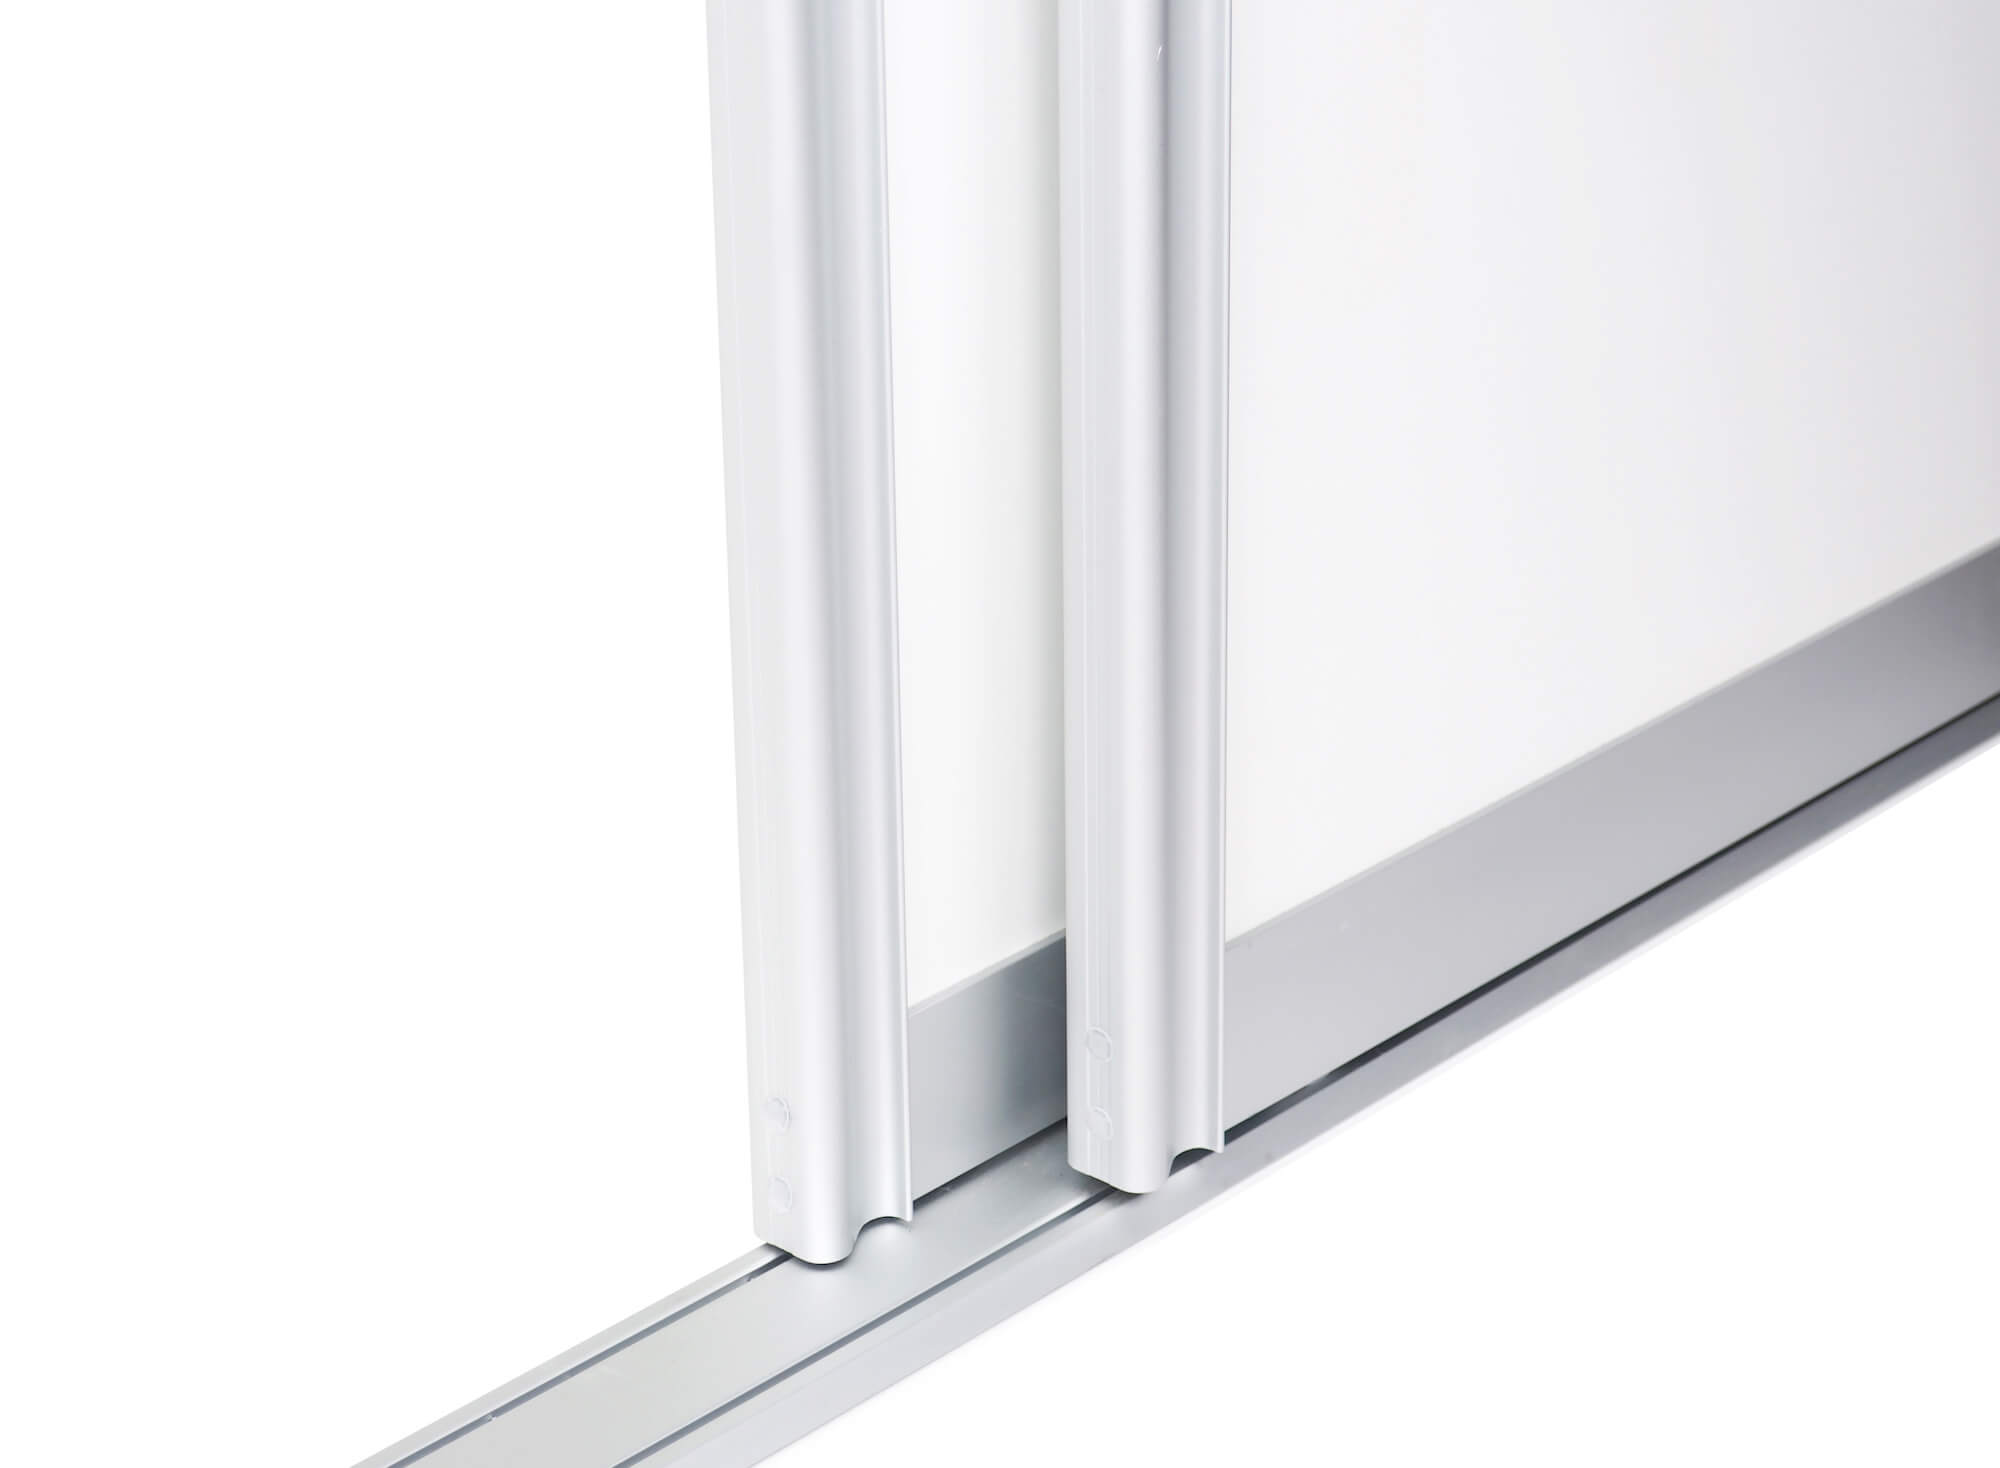 Schiebetür Profil Lima Beispielfoto für Schranktüren, Raumteiler, Durchgangstüren